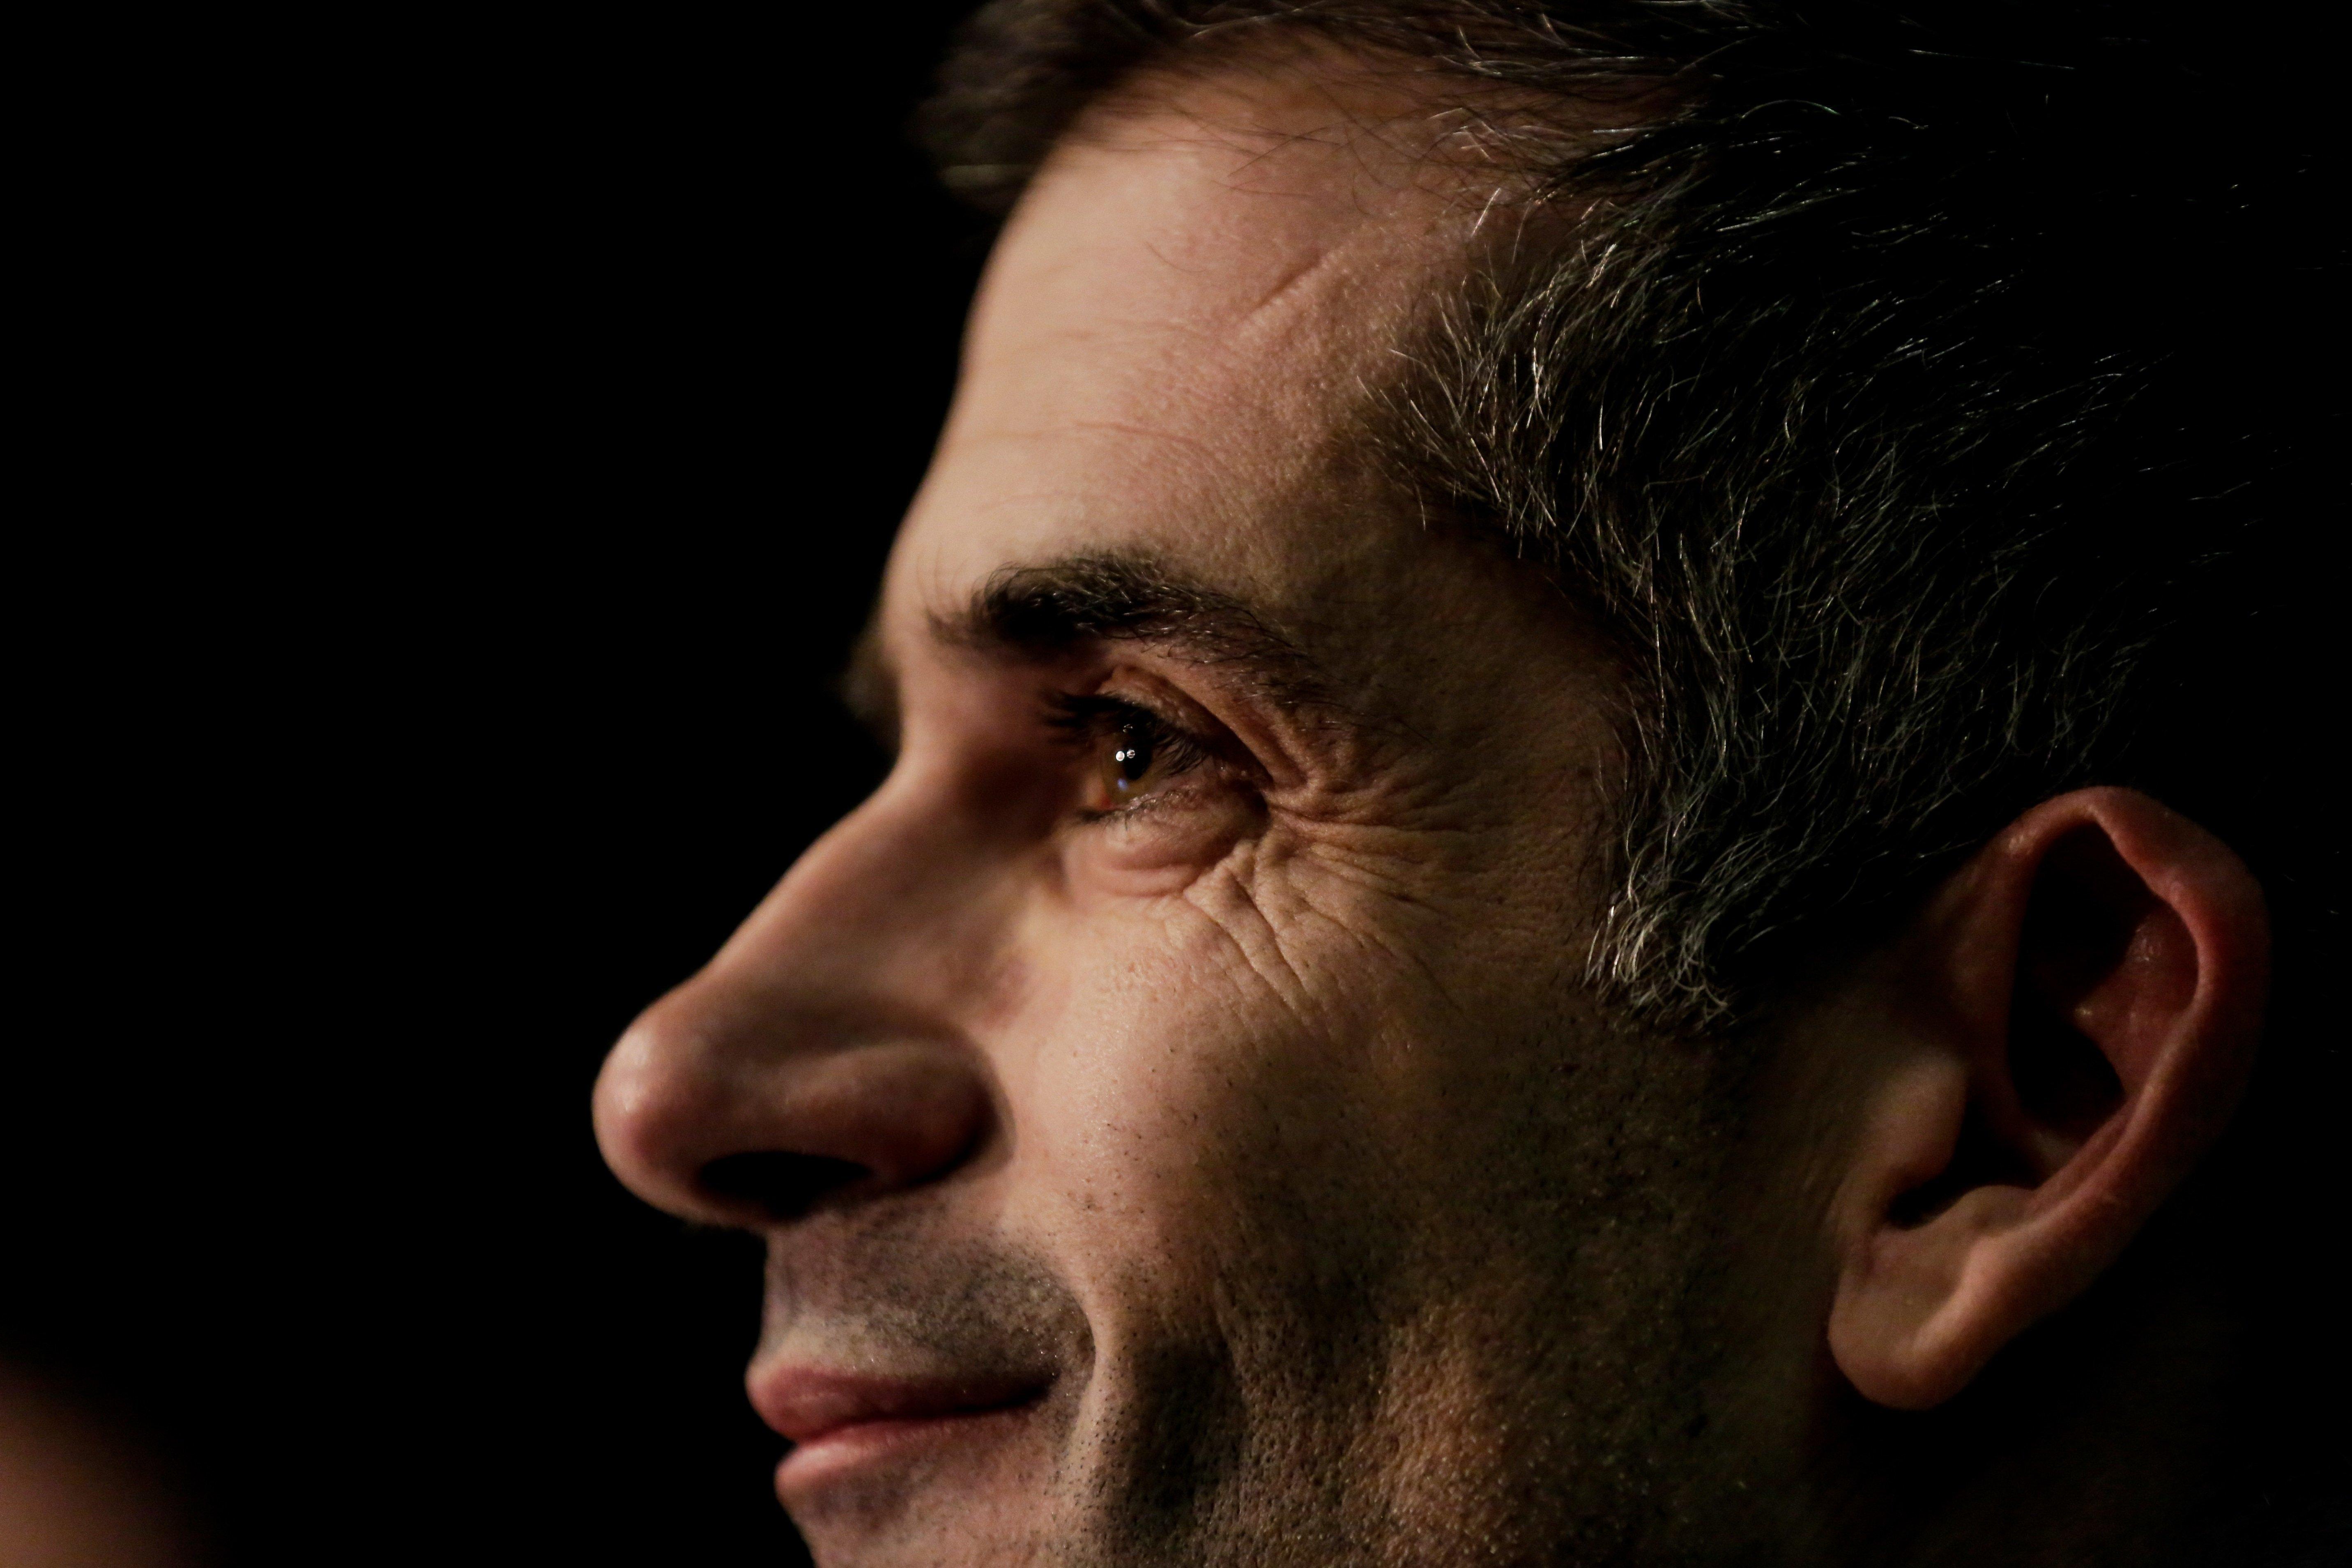 Κώστας Μπακογιάννης - «Αθήνα Ψηλά»: Στην τελική ευθεία για την παρουσίαση του